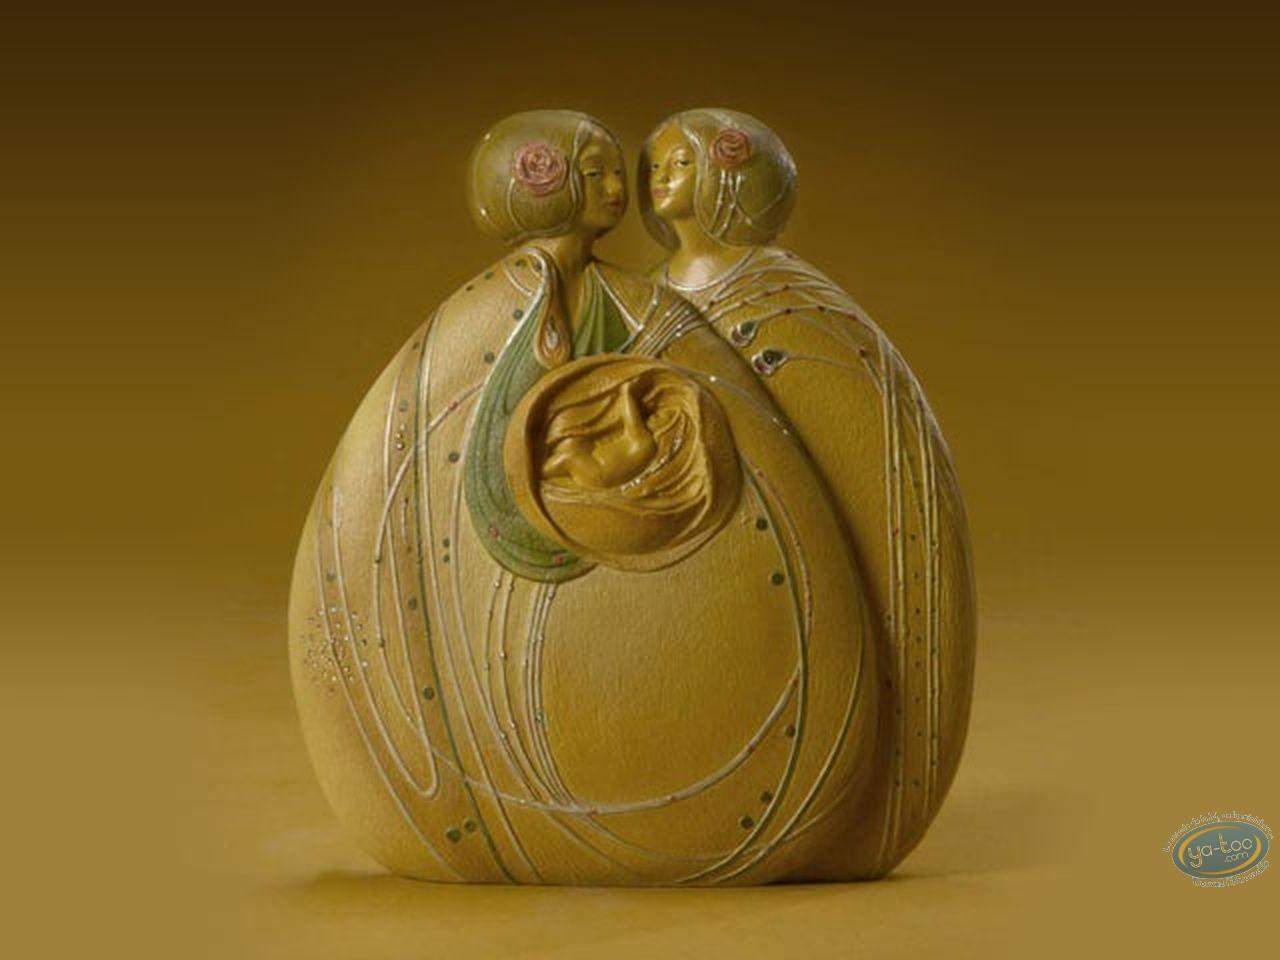 Statuette résine, Tableaux en 3D : Mackintosh - The Heart of the Rose